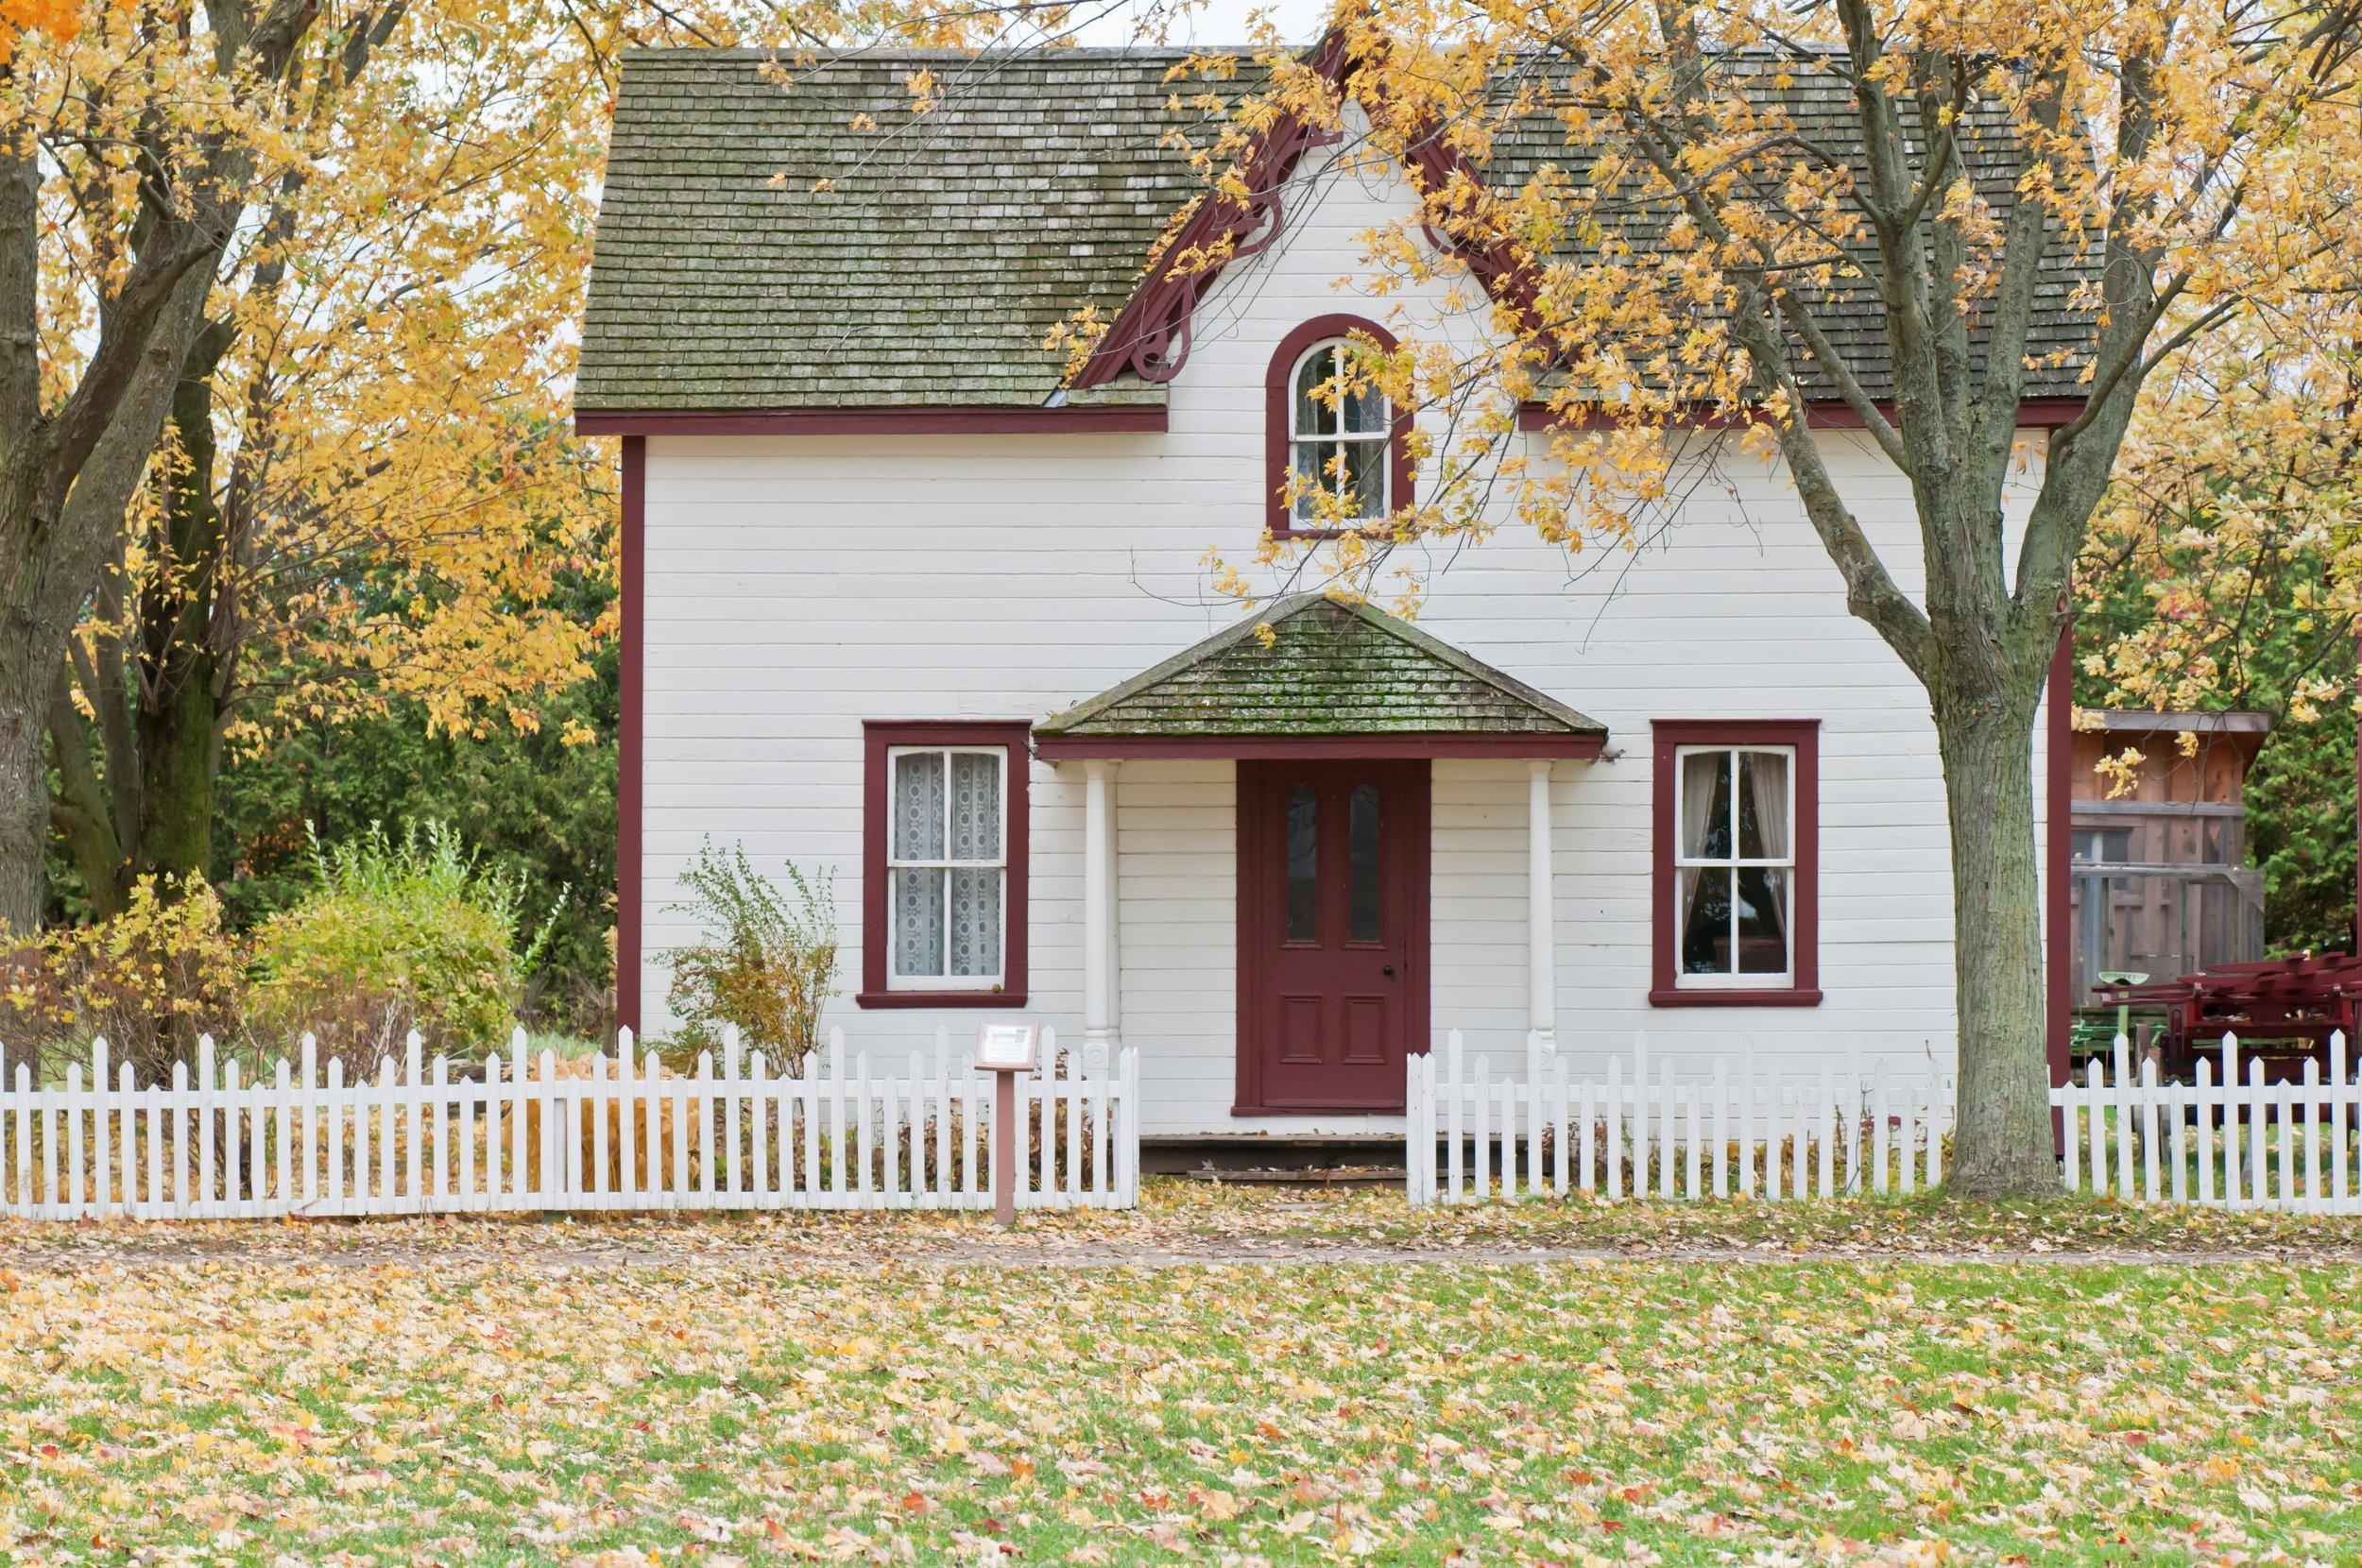 Residential Appraisal -